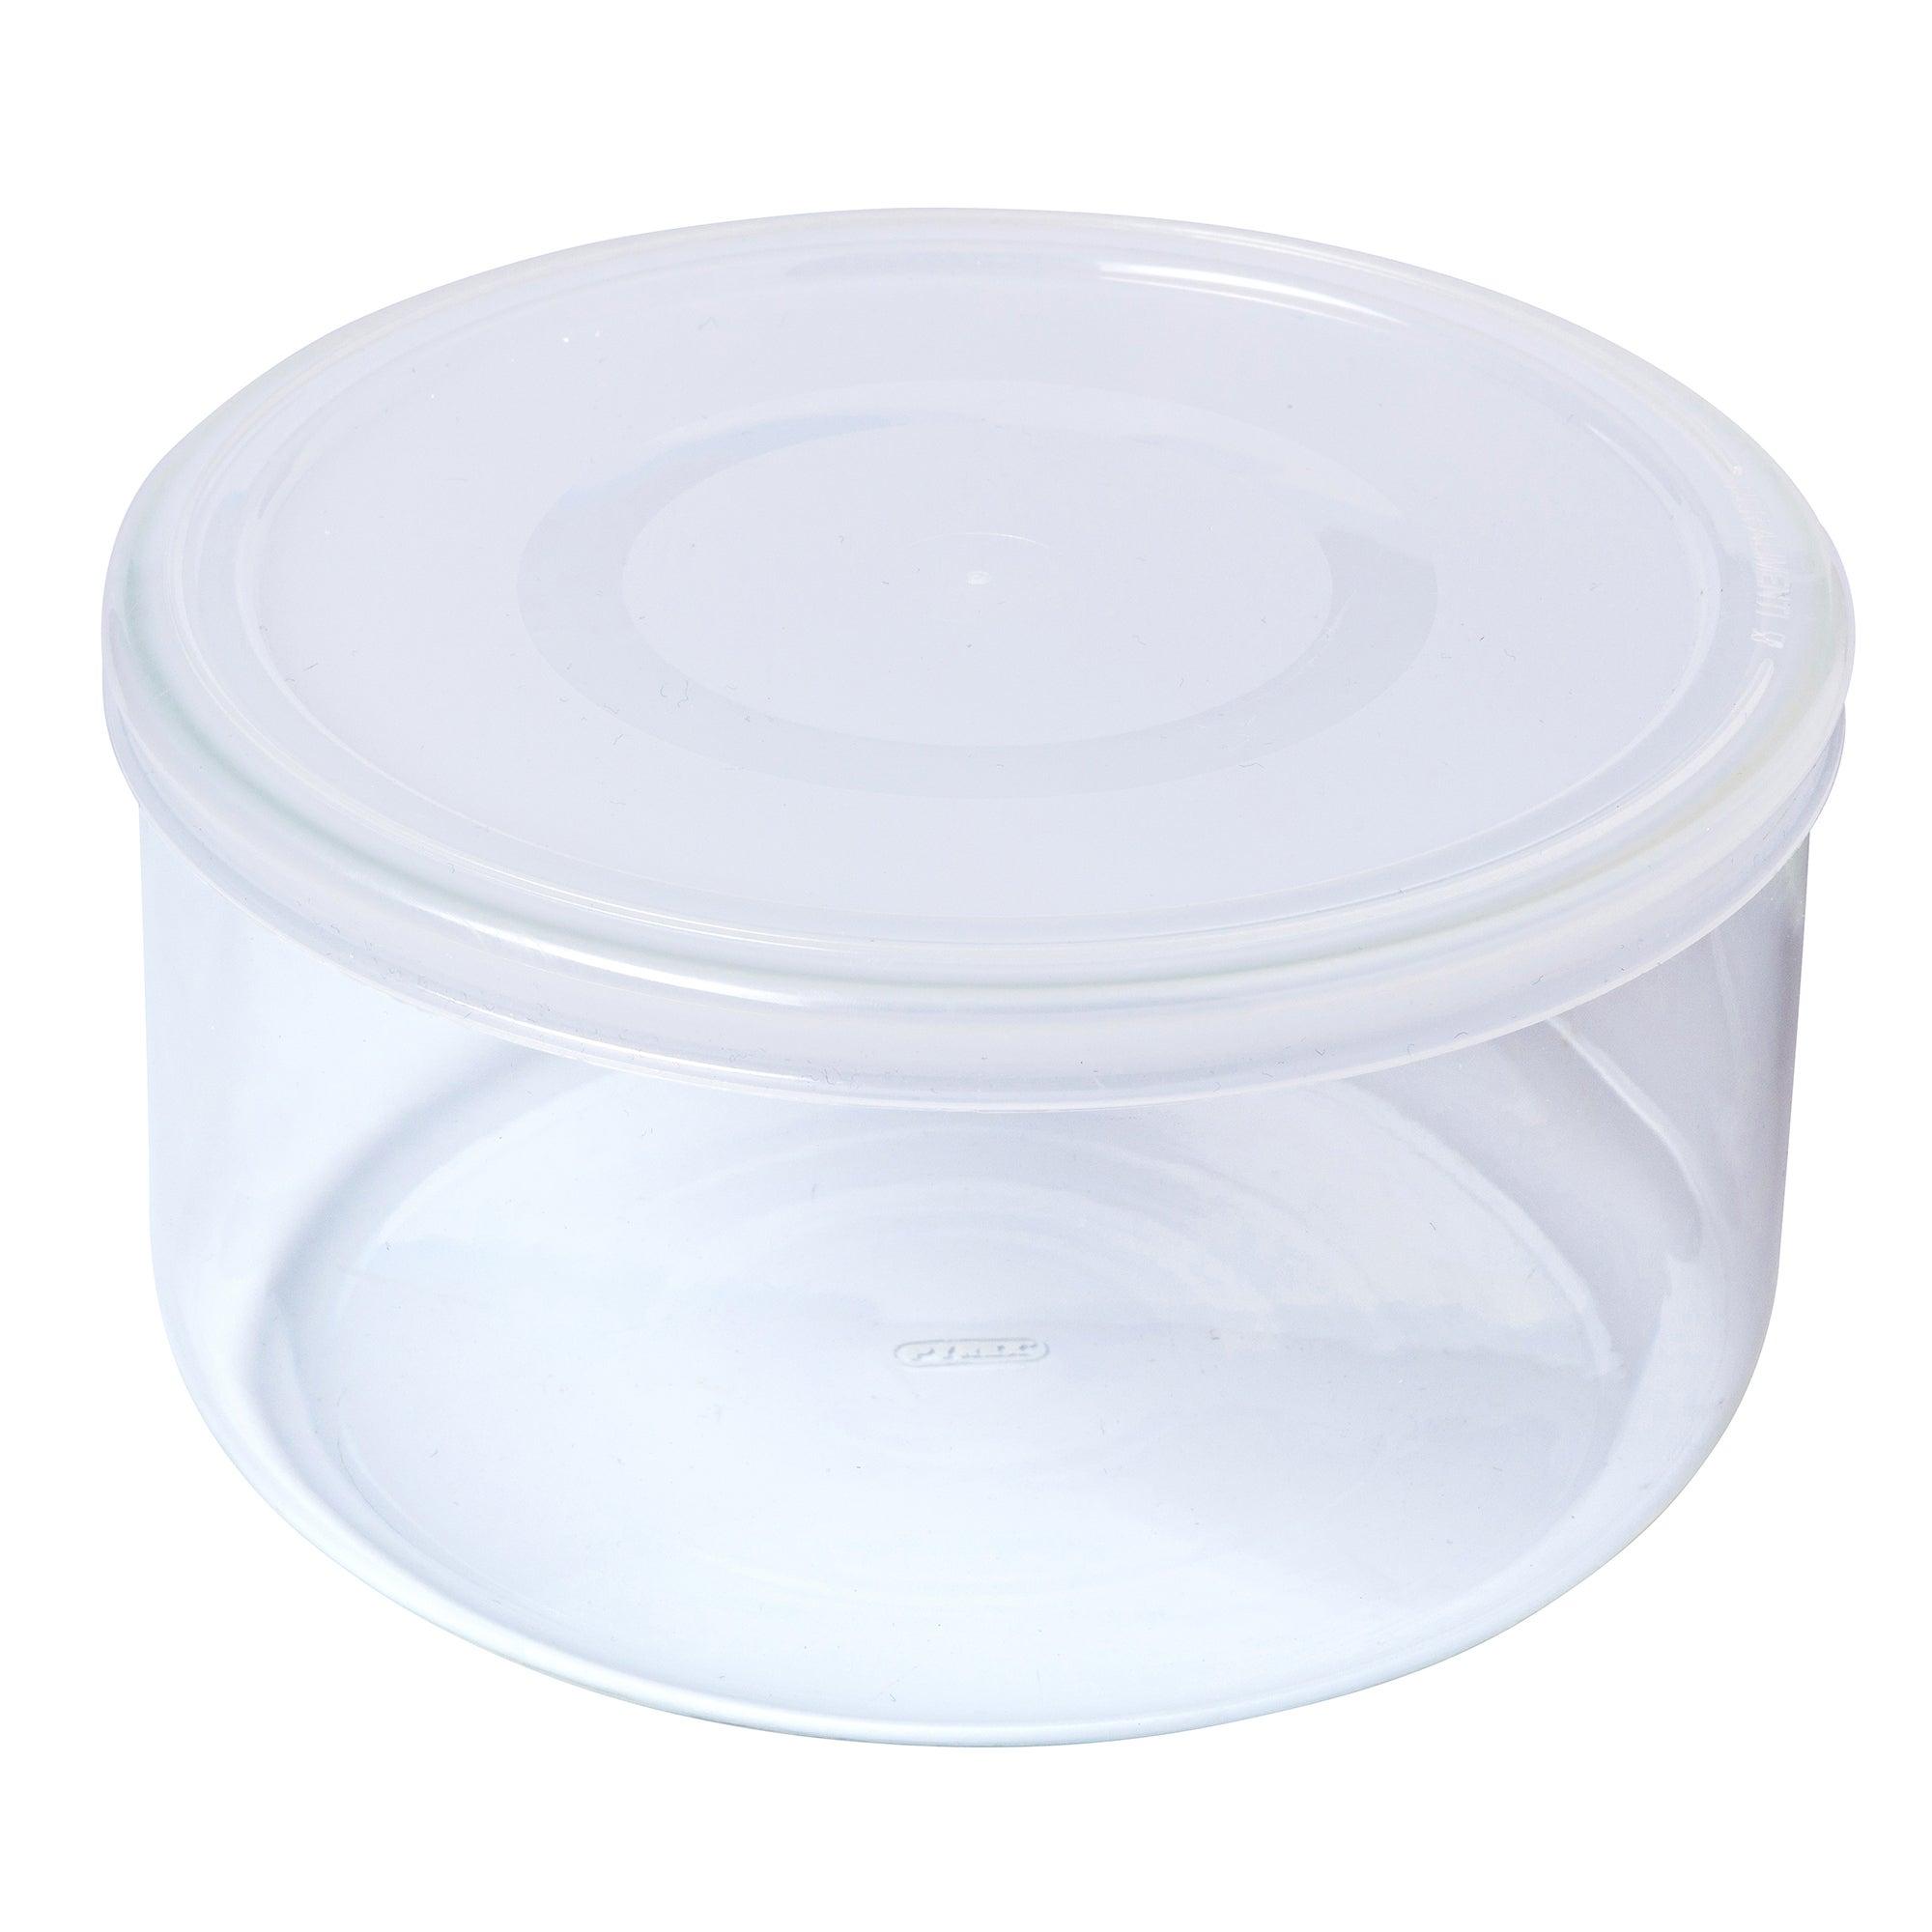 Pyrex Large Round Dish